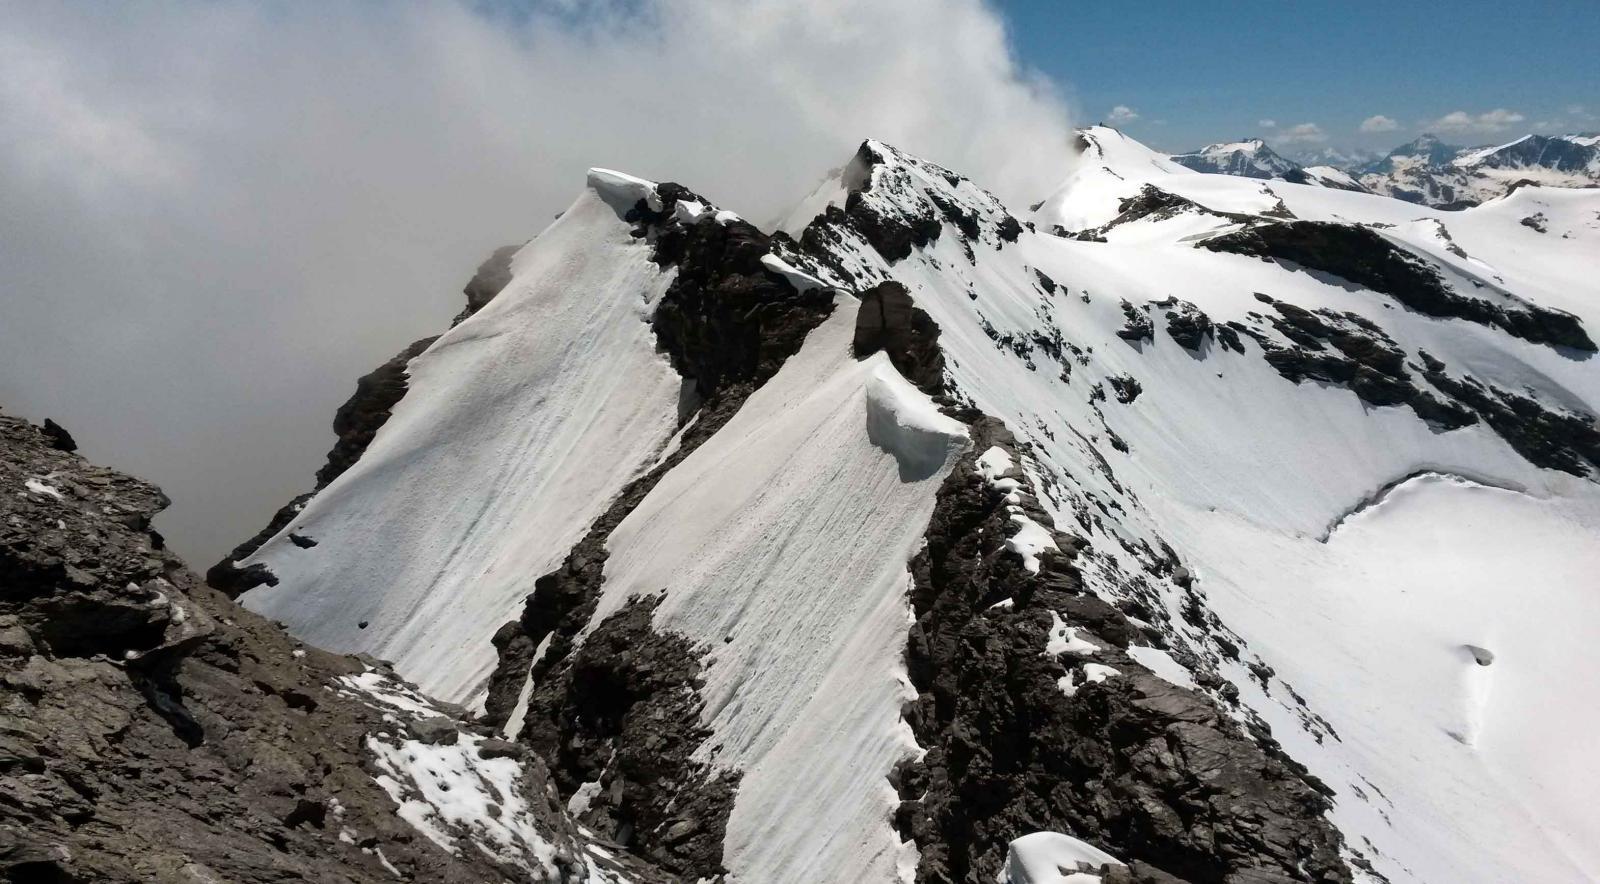 la cresta vista dalla punta basei. galisia in fondo